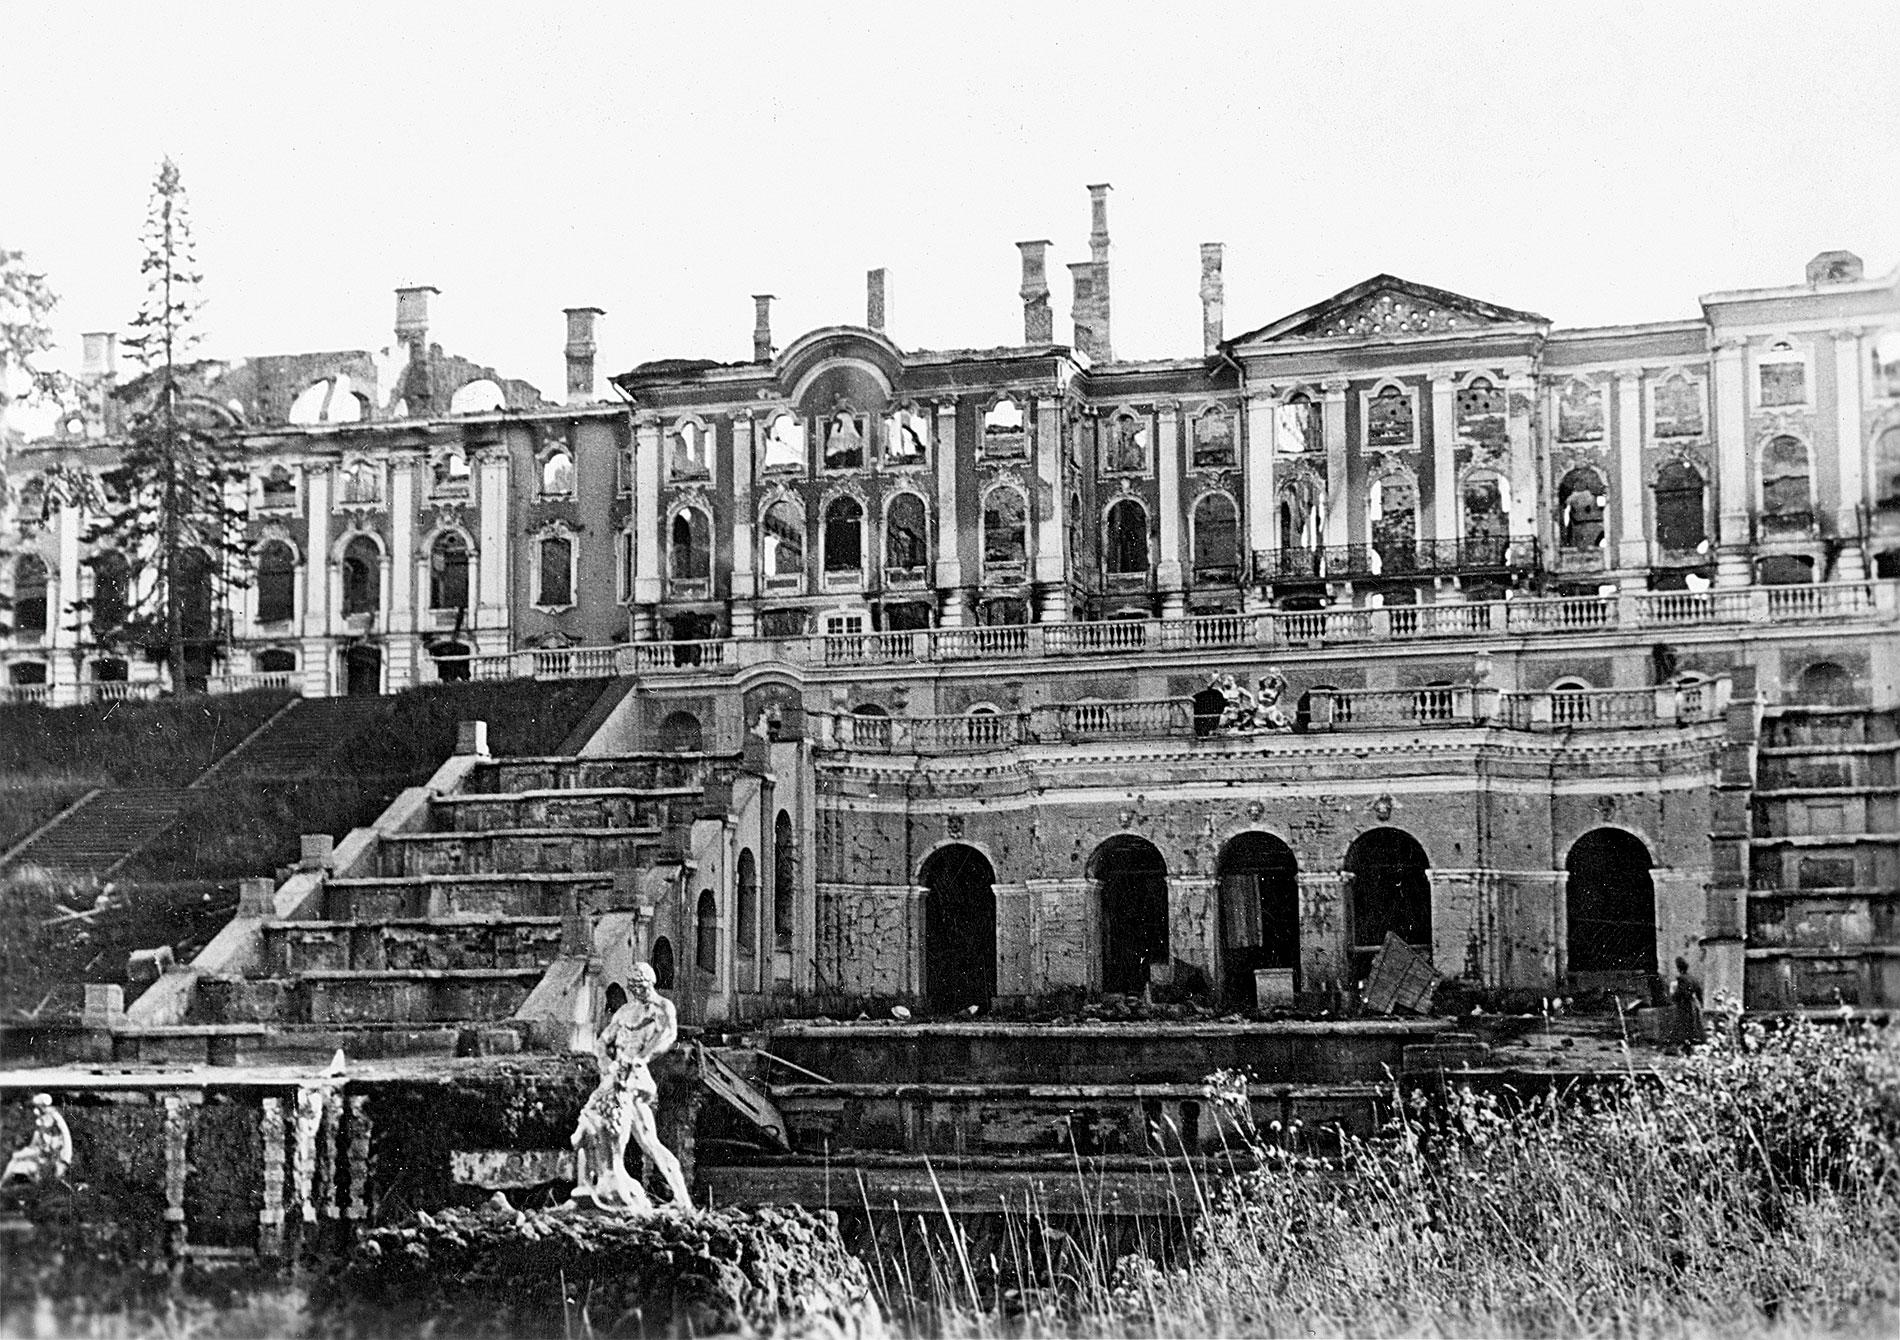 Blick auf das zerstörte Schloss Peterhof mit Großer Kaskade und Samsonfontäne im Vordergrund, September 1942